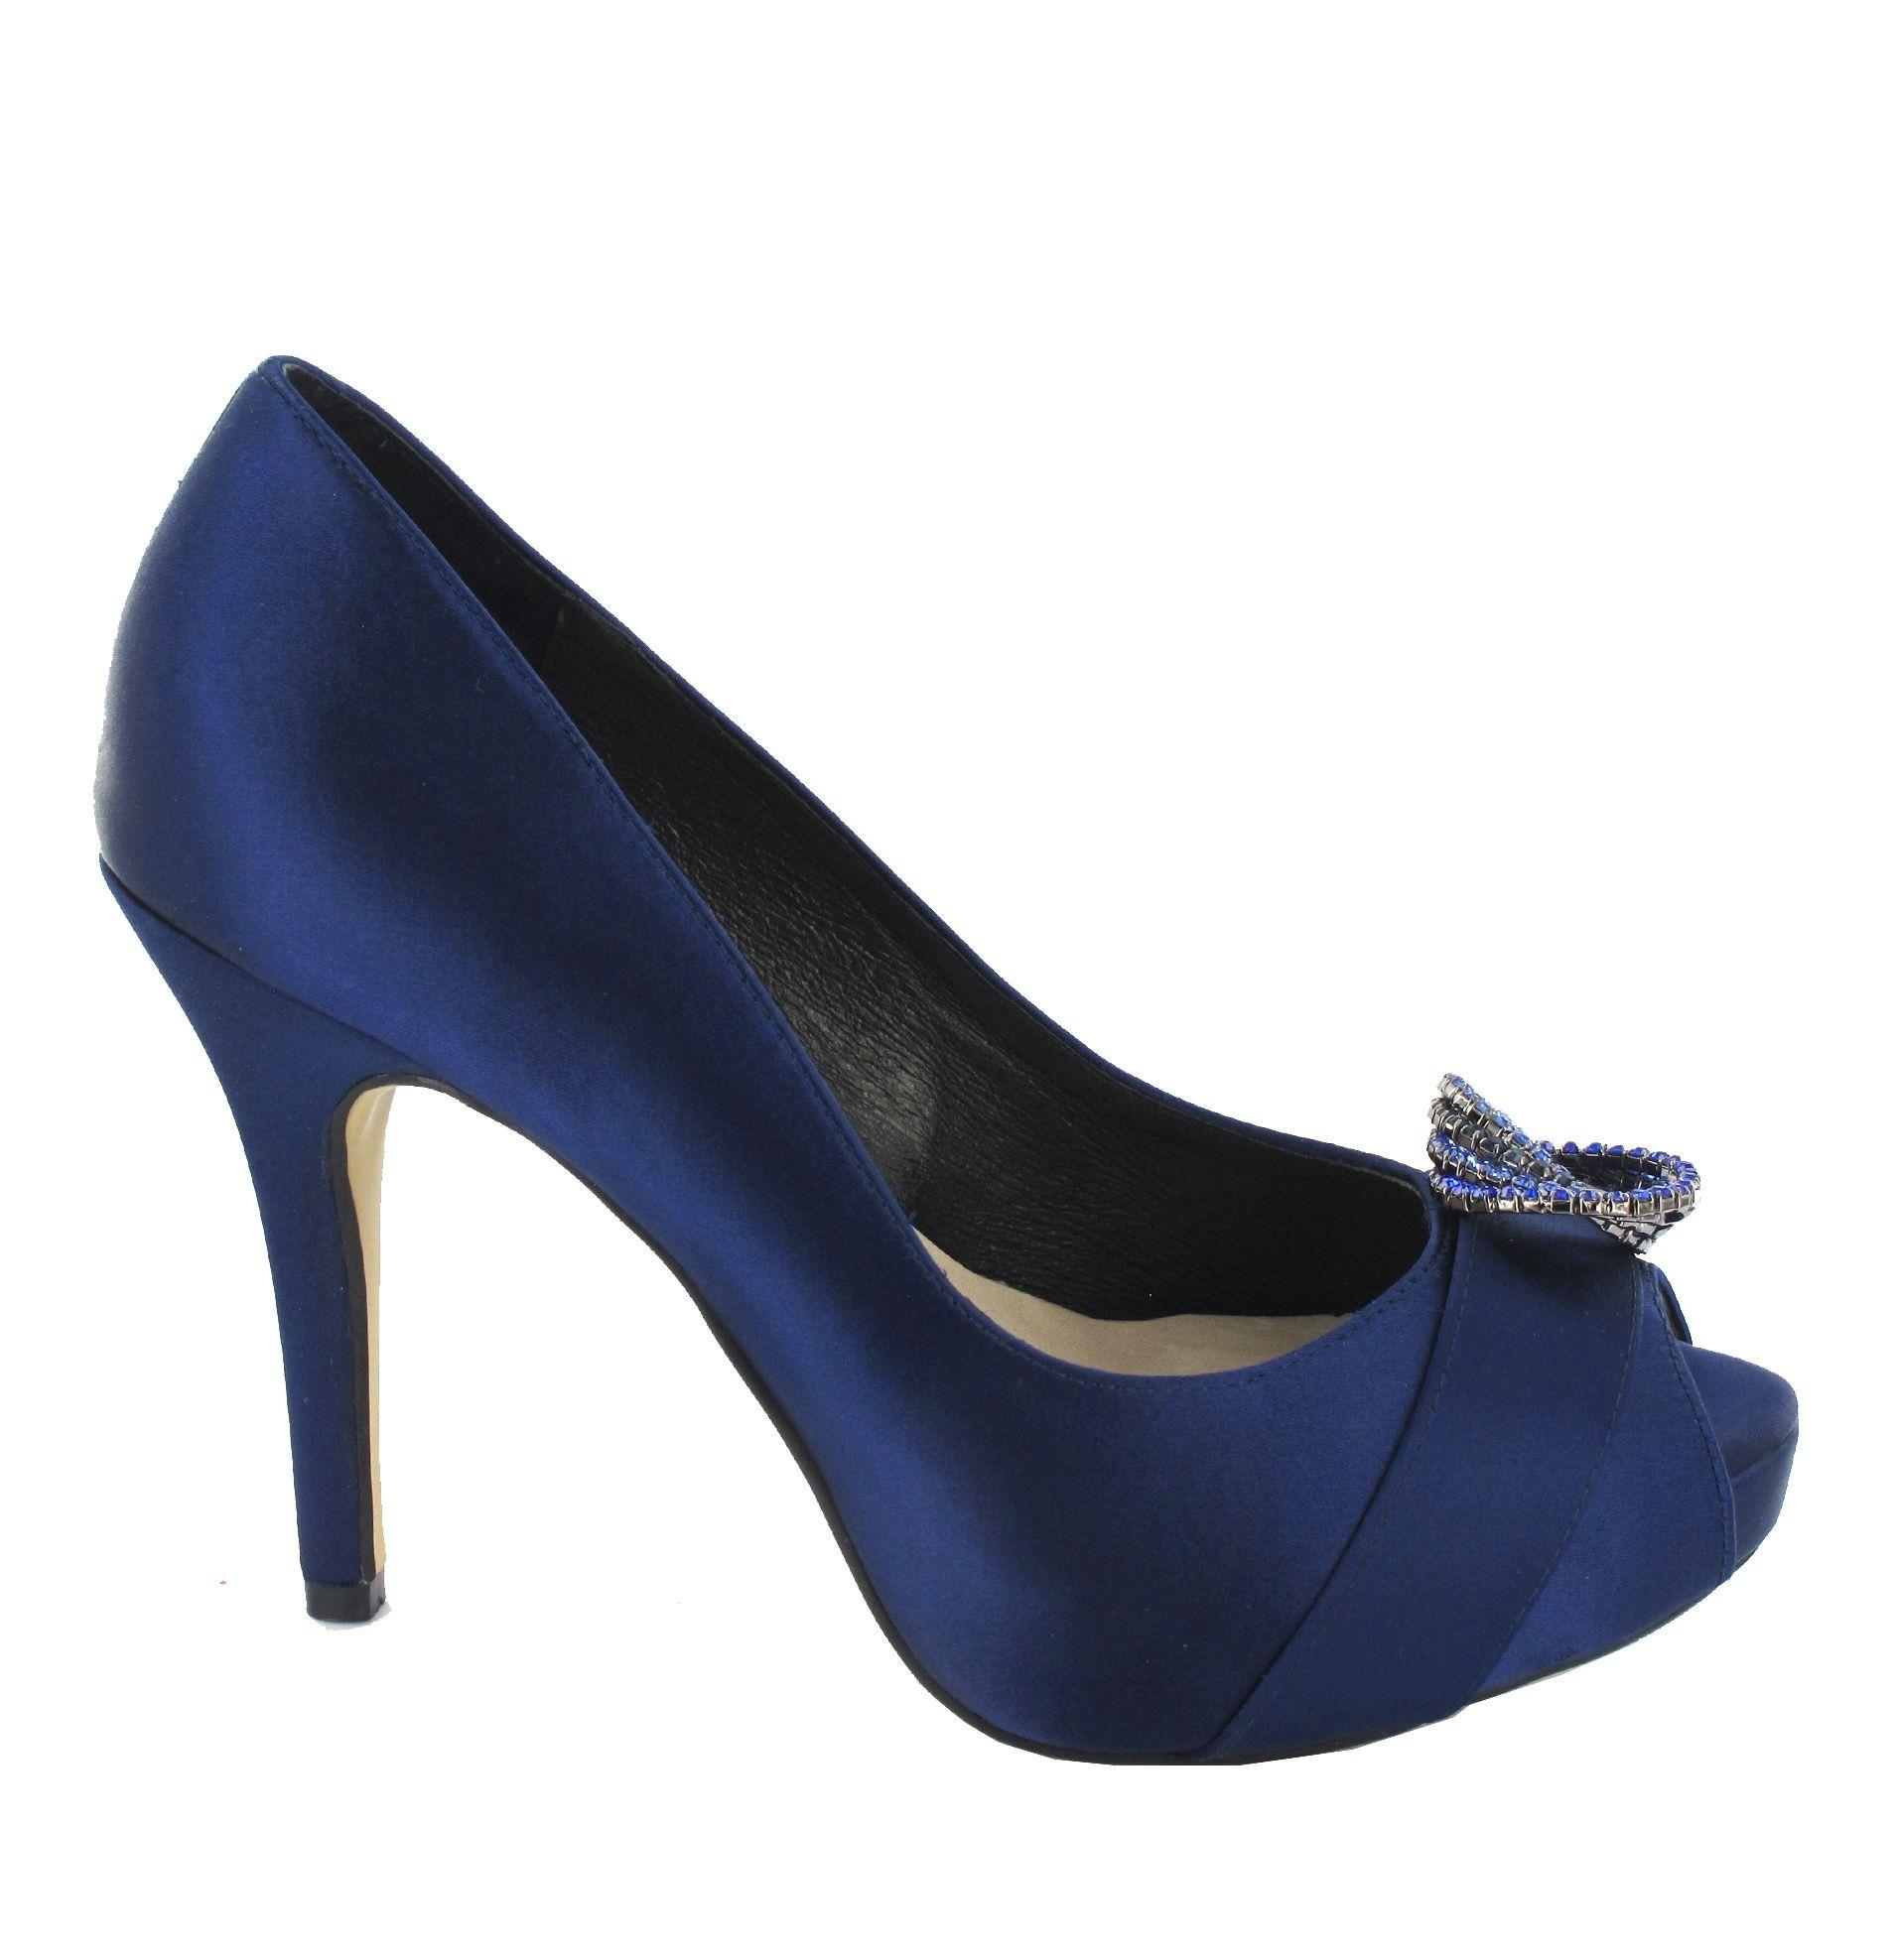 e845a85f30 Zapato peep toe de tacón alto y plataforma